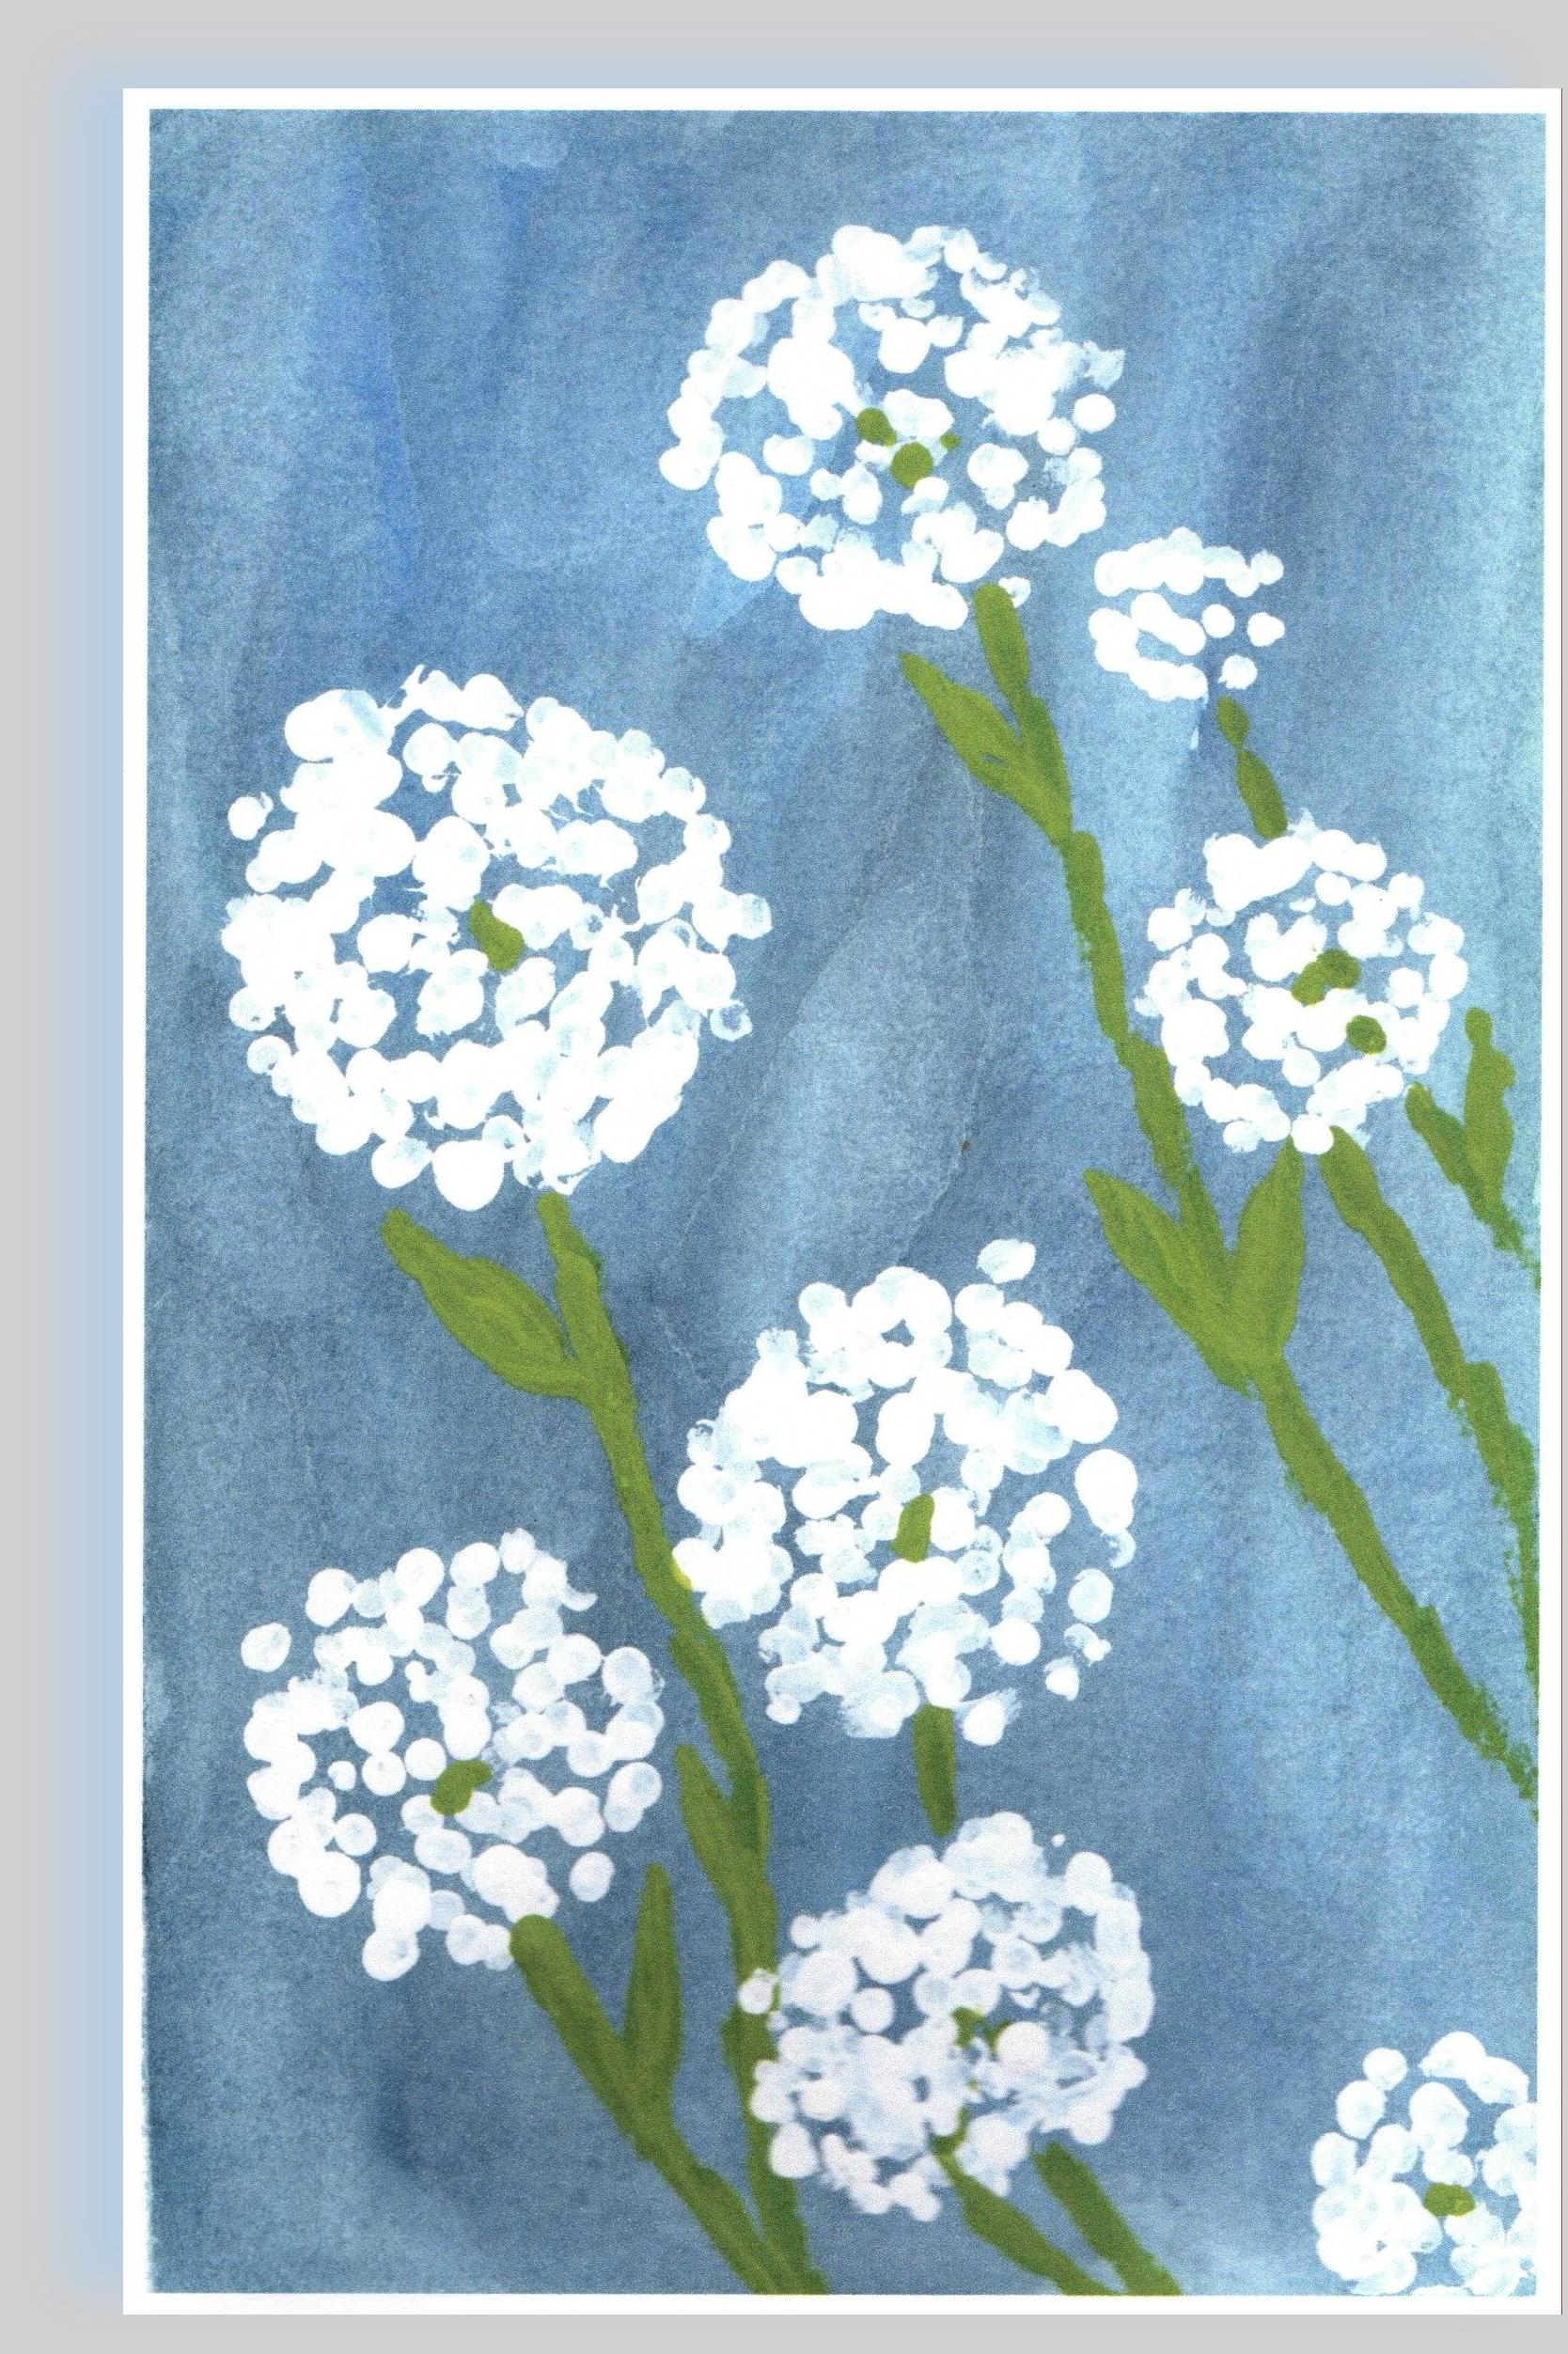 DANDELION FLOWER CARD AS PIC w. shadow